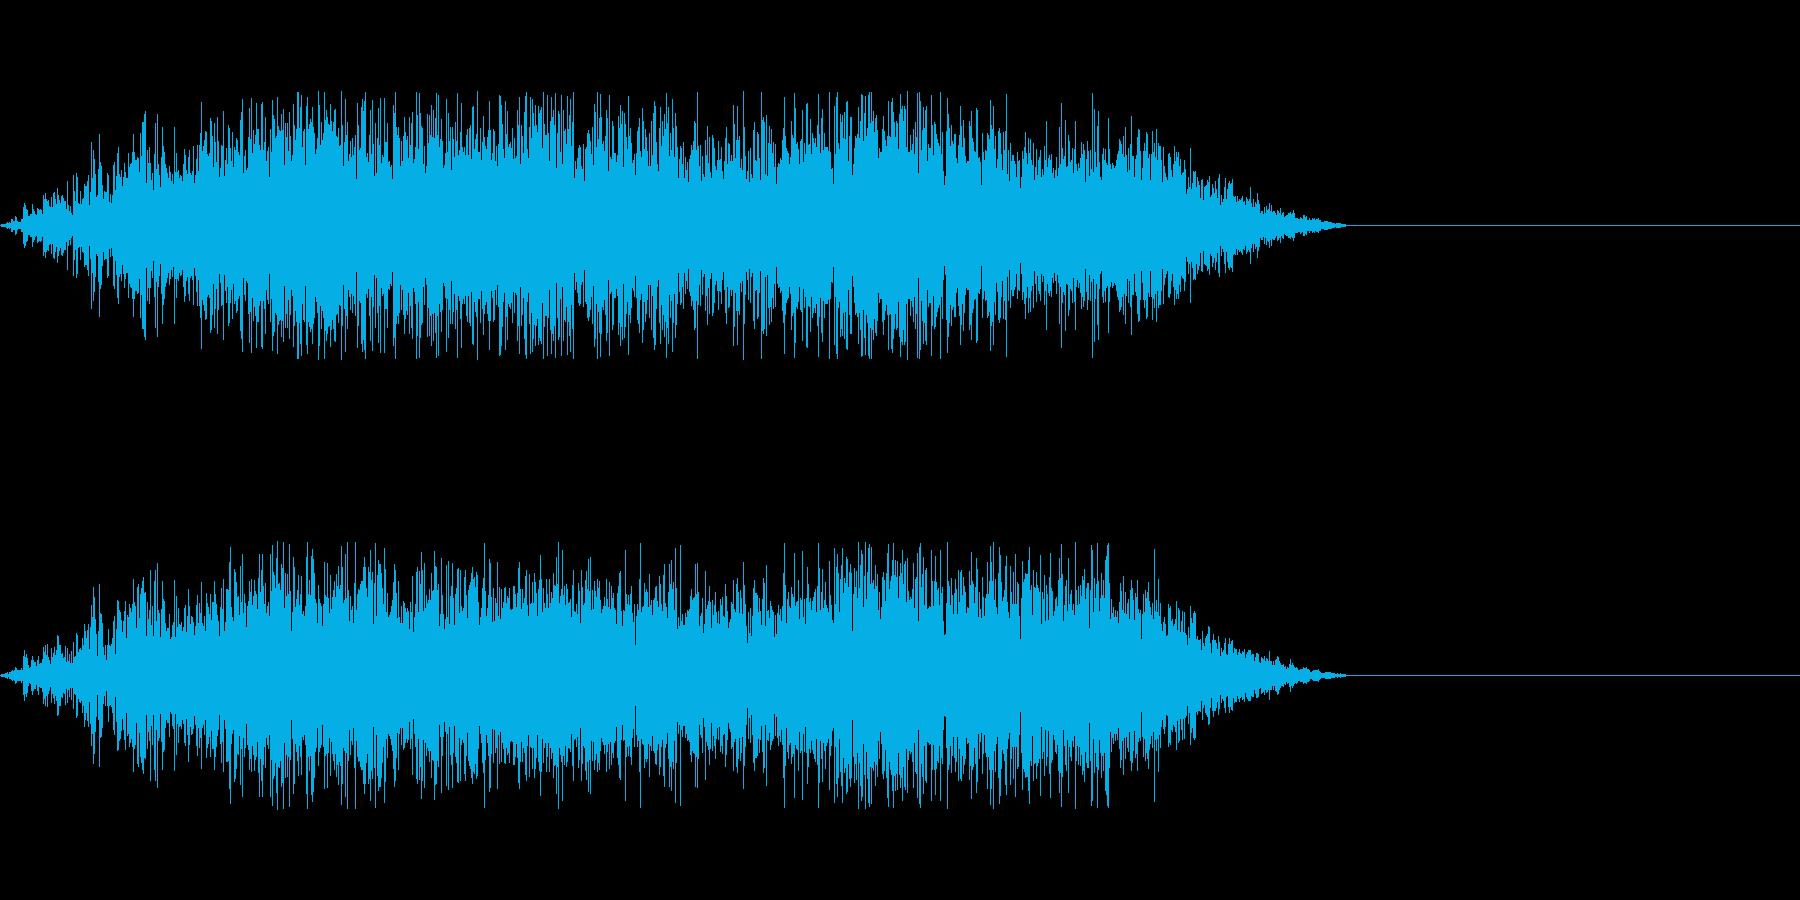 モンスターの呪文攻撃時の発声などにの再生済みの波形